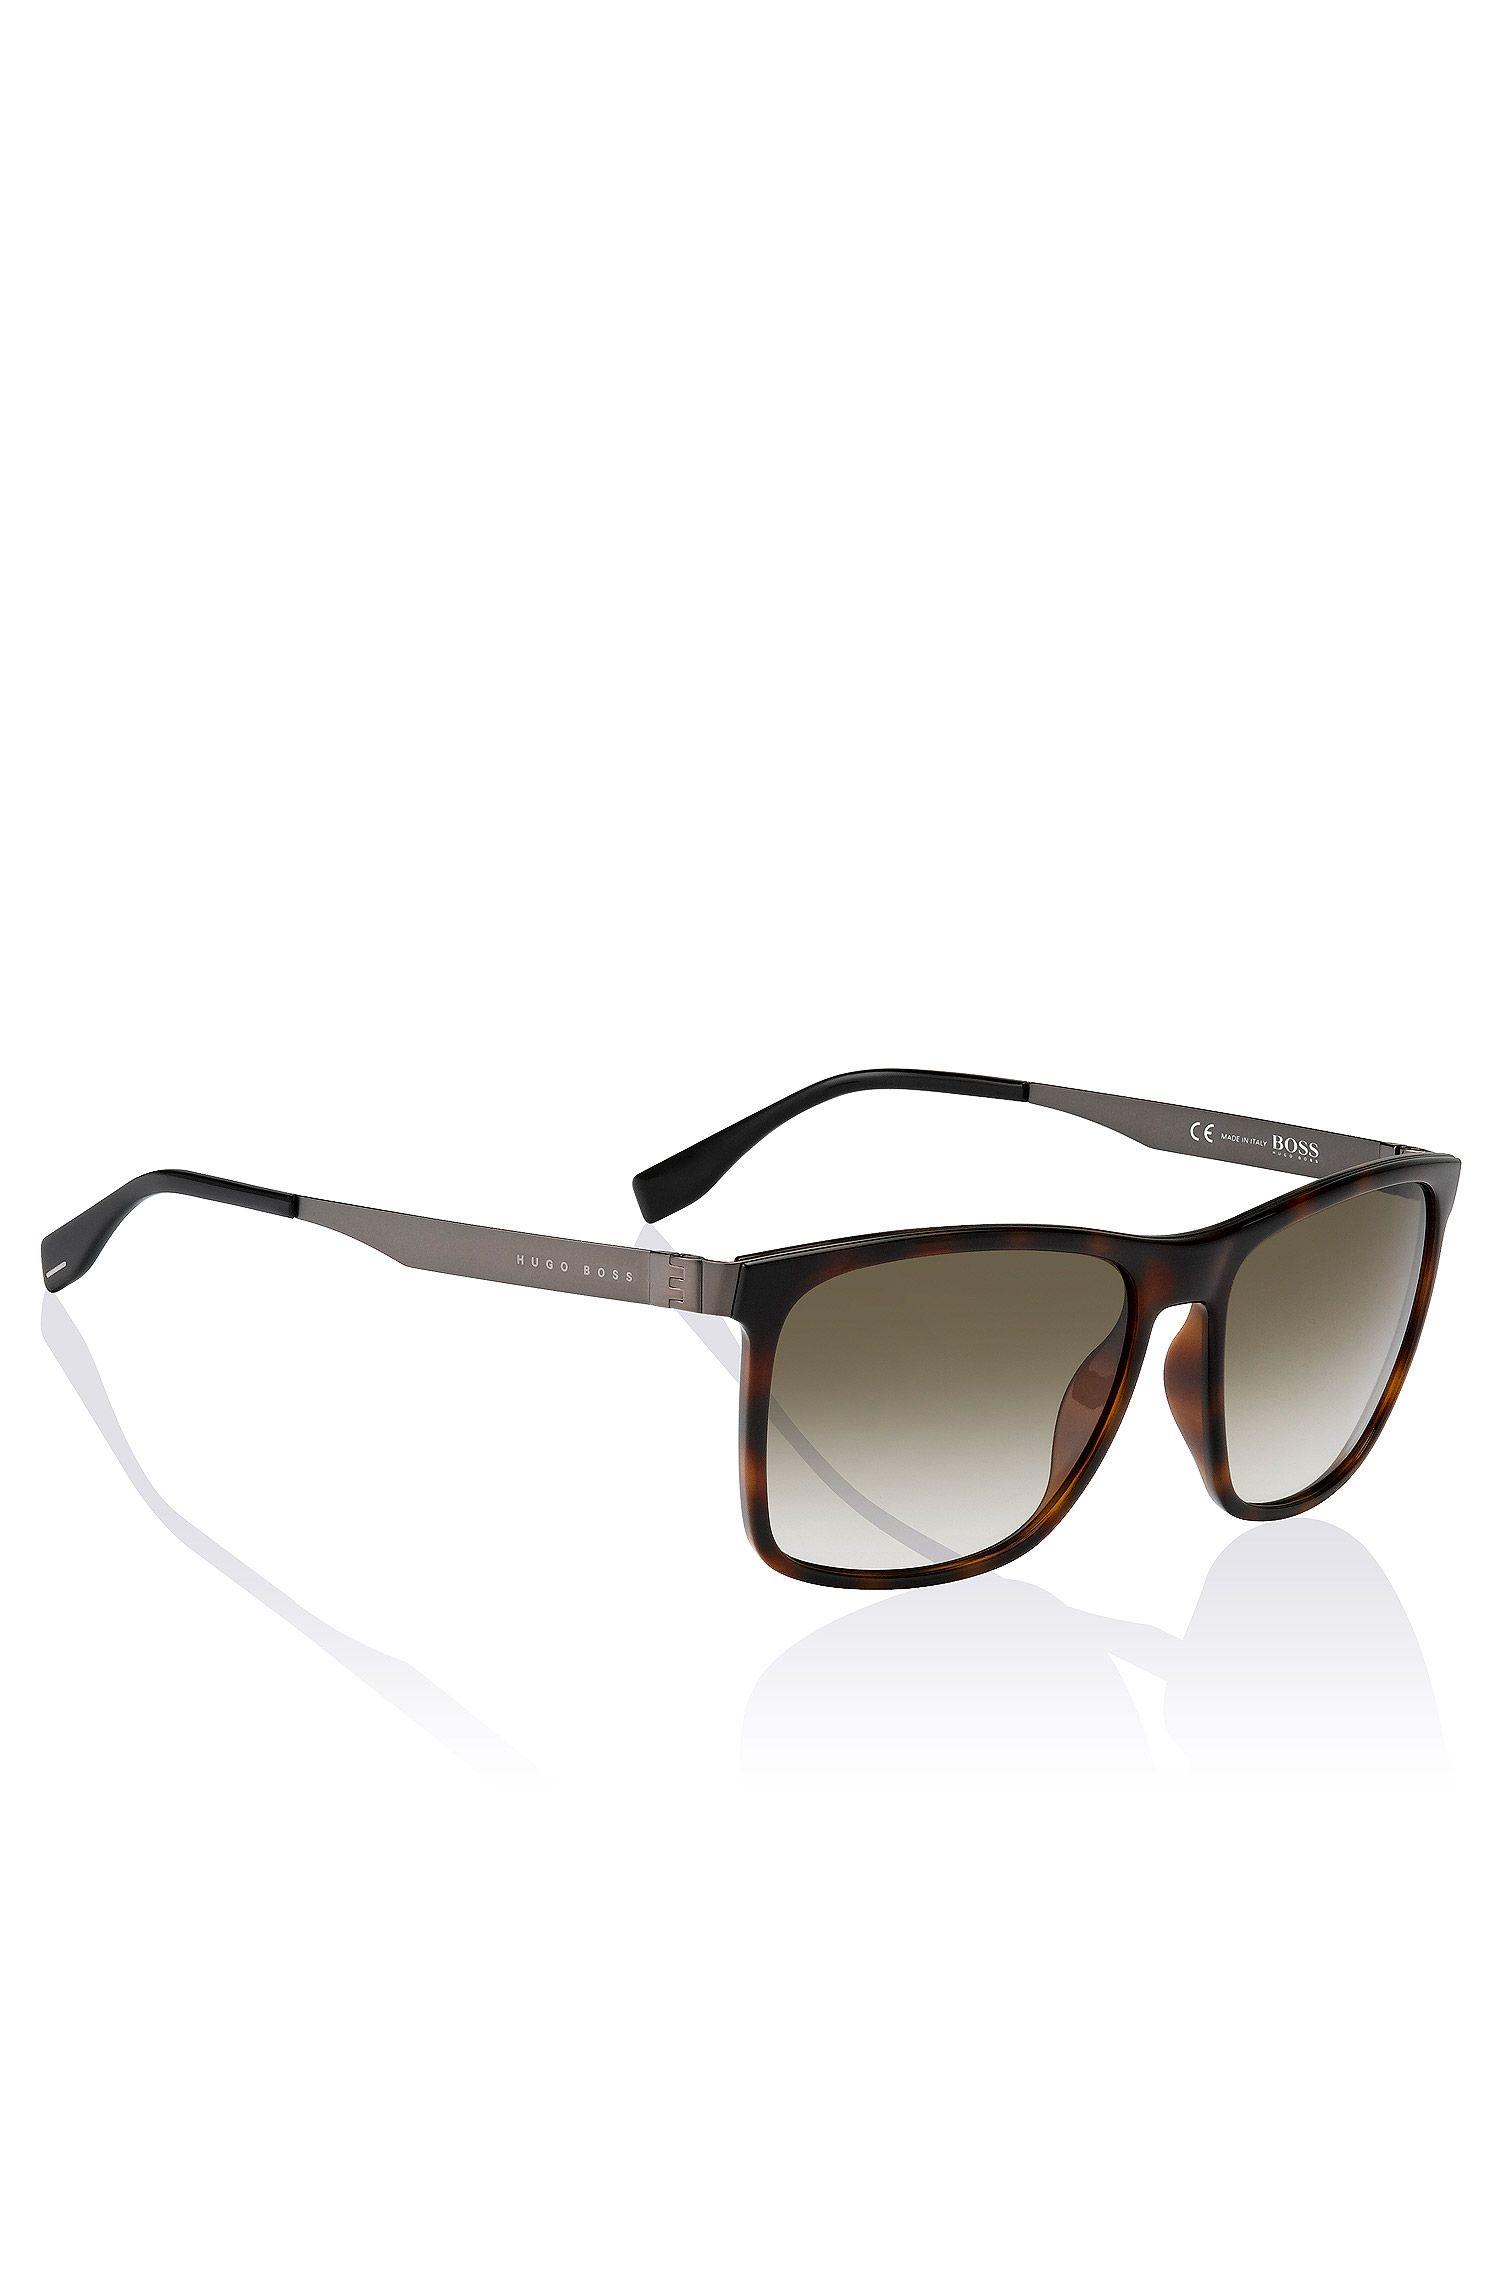 Occhiali da sole 'BOSS 0671/S' in acetato e acciaio inox